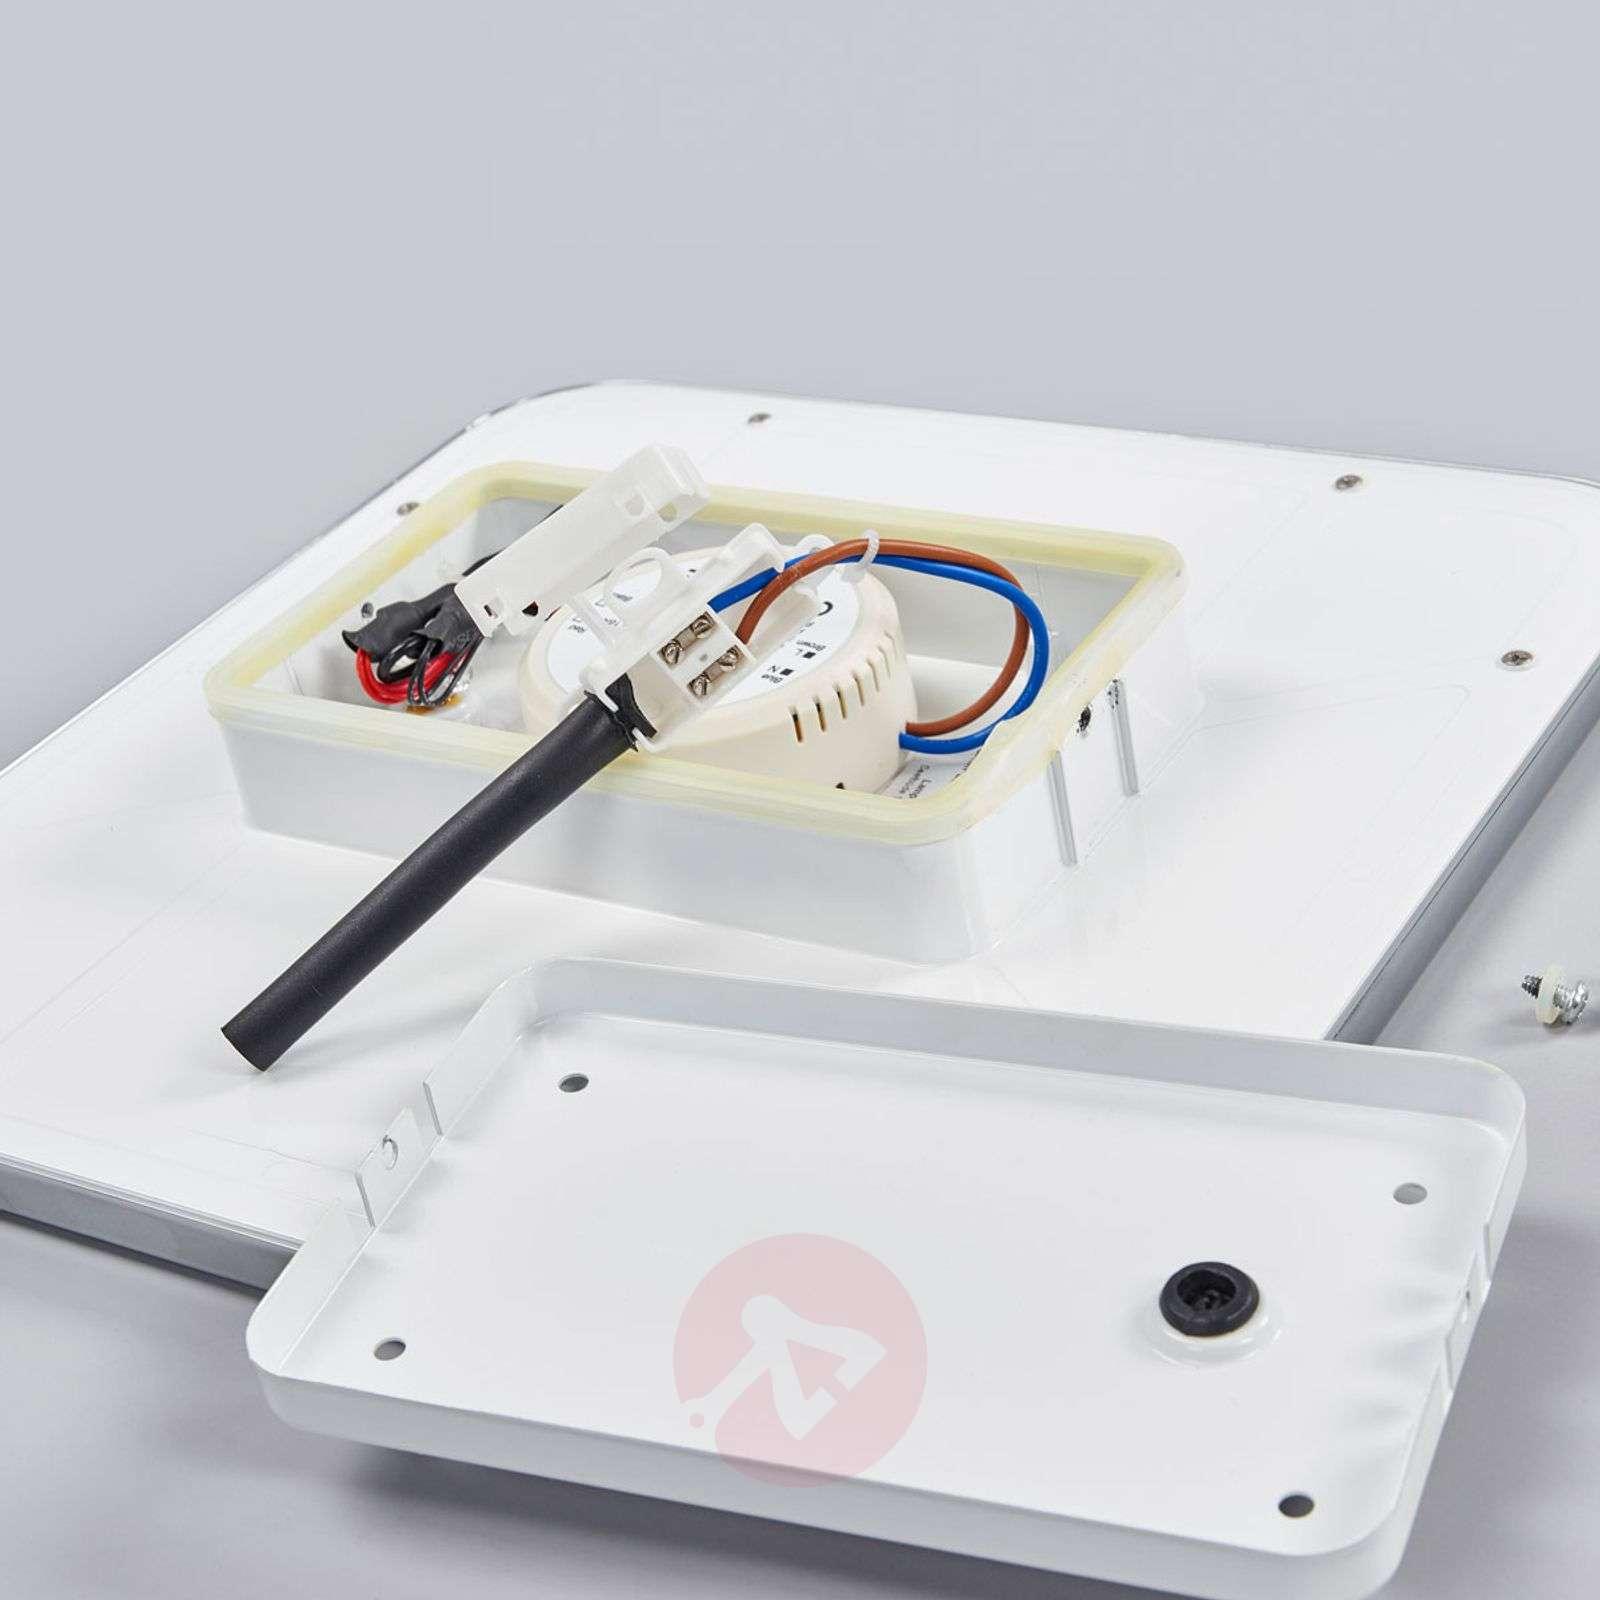 Kulmikas Easydim-LED-kattovalaisin Filina-1558102-01